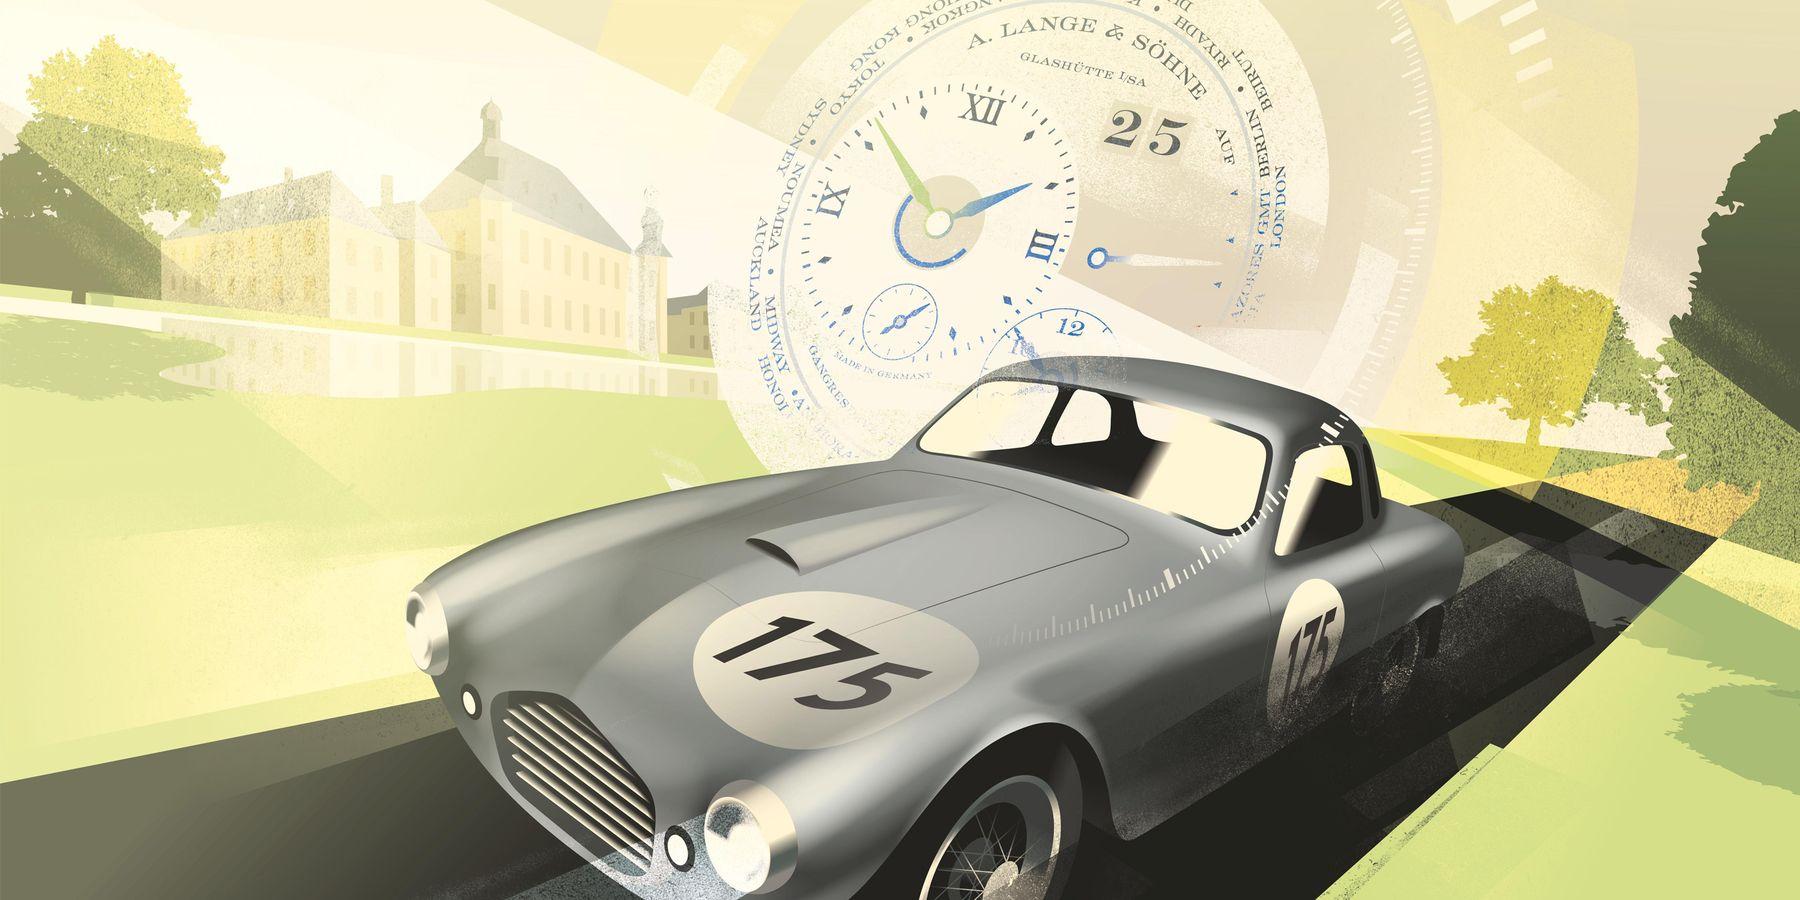 朗格 x Concours Virtual:襄助聯合國兒童基金會的經典汽車比賽